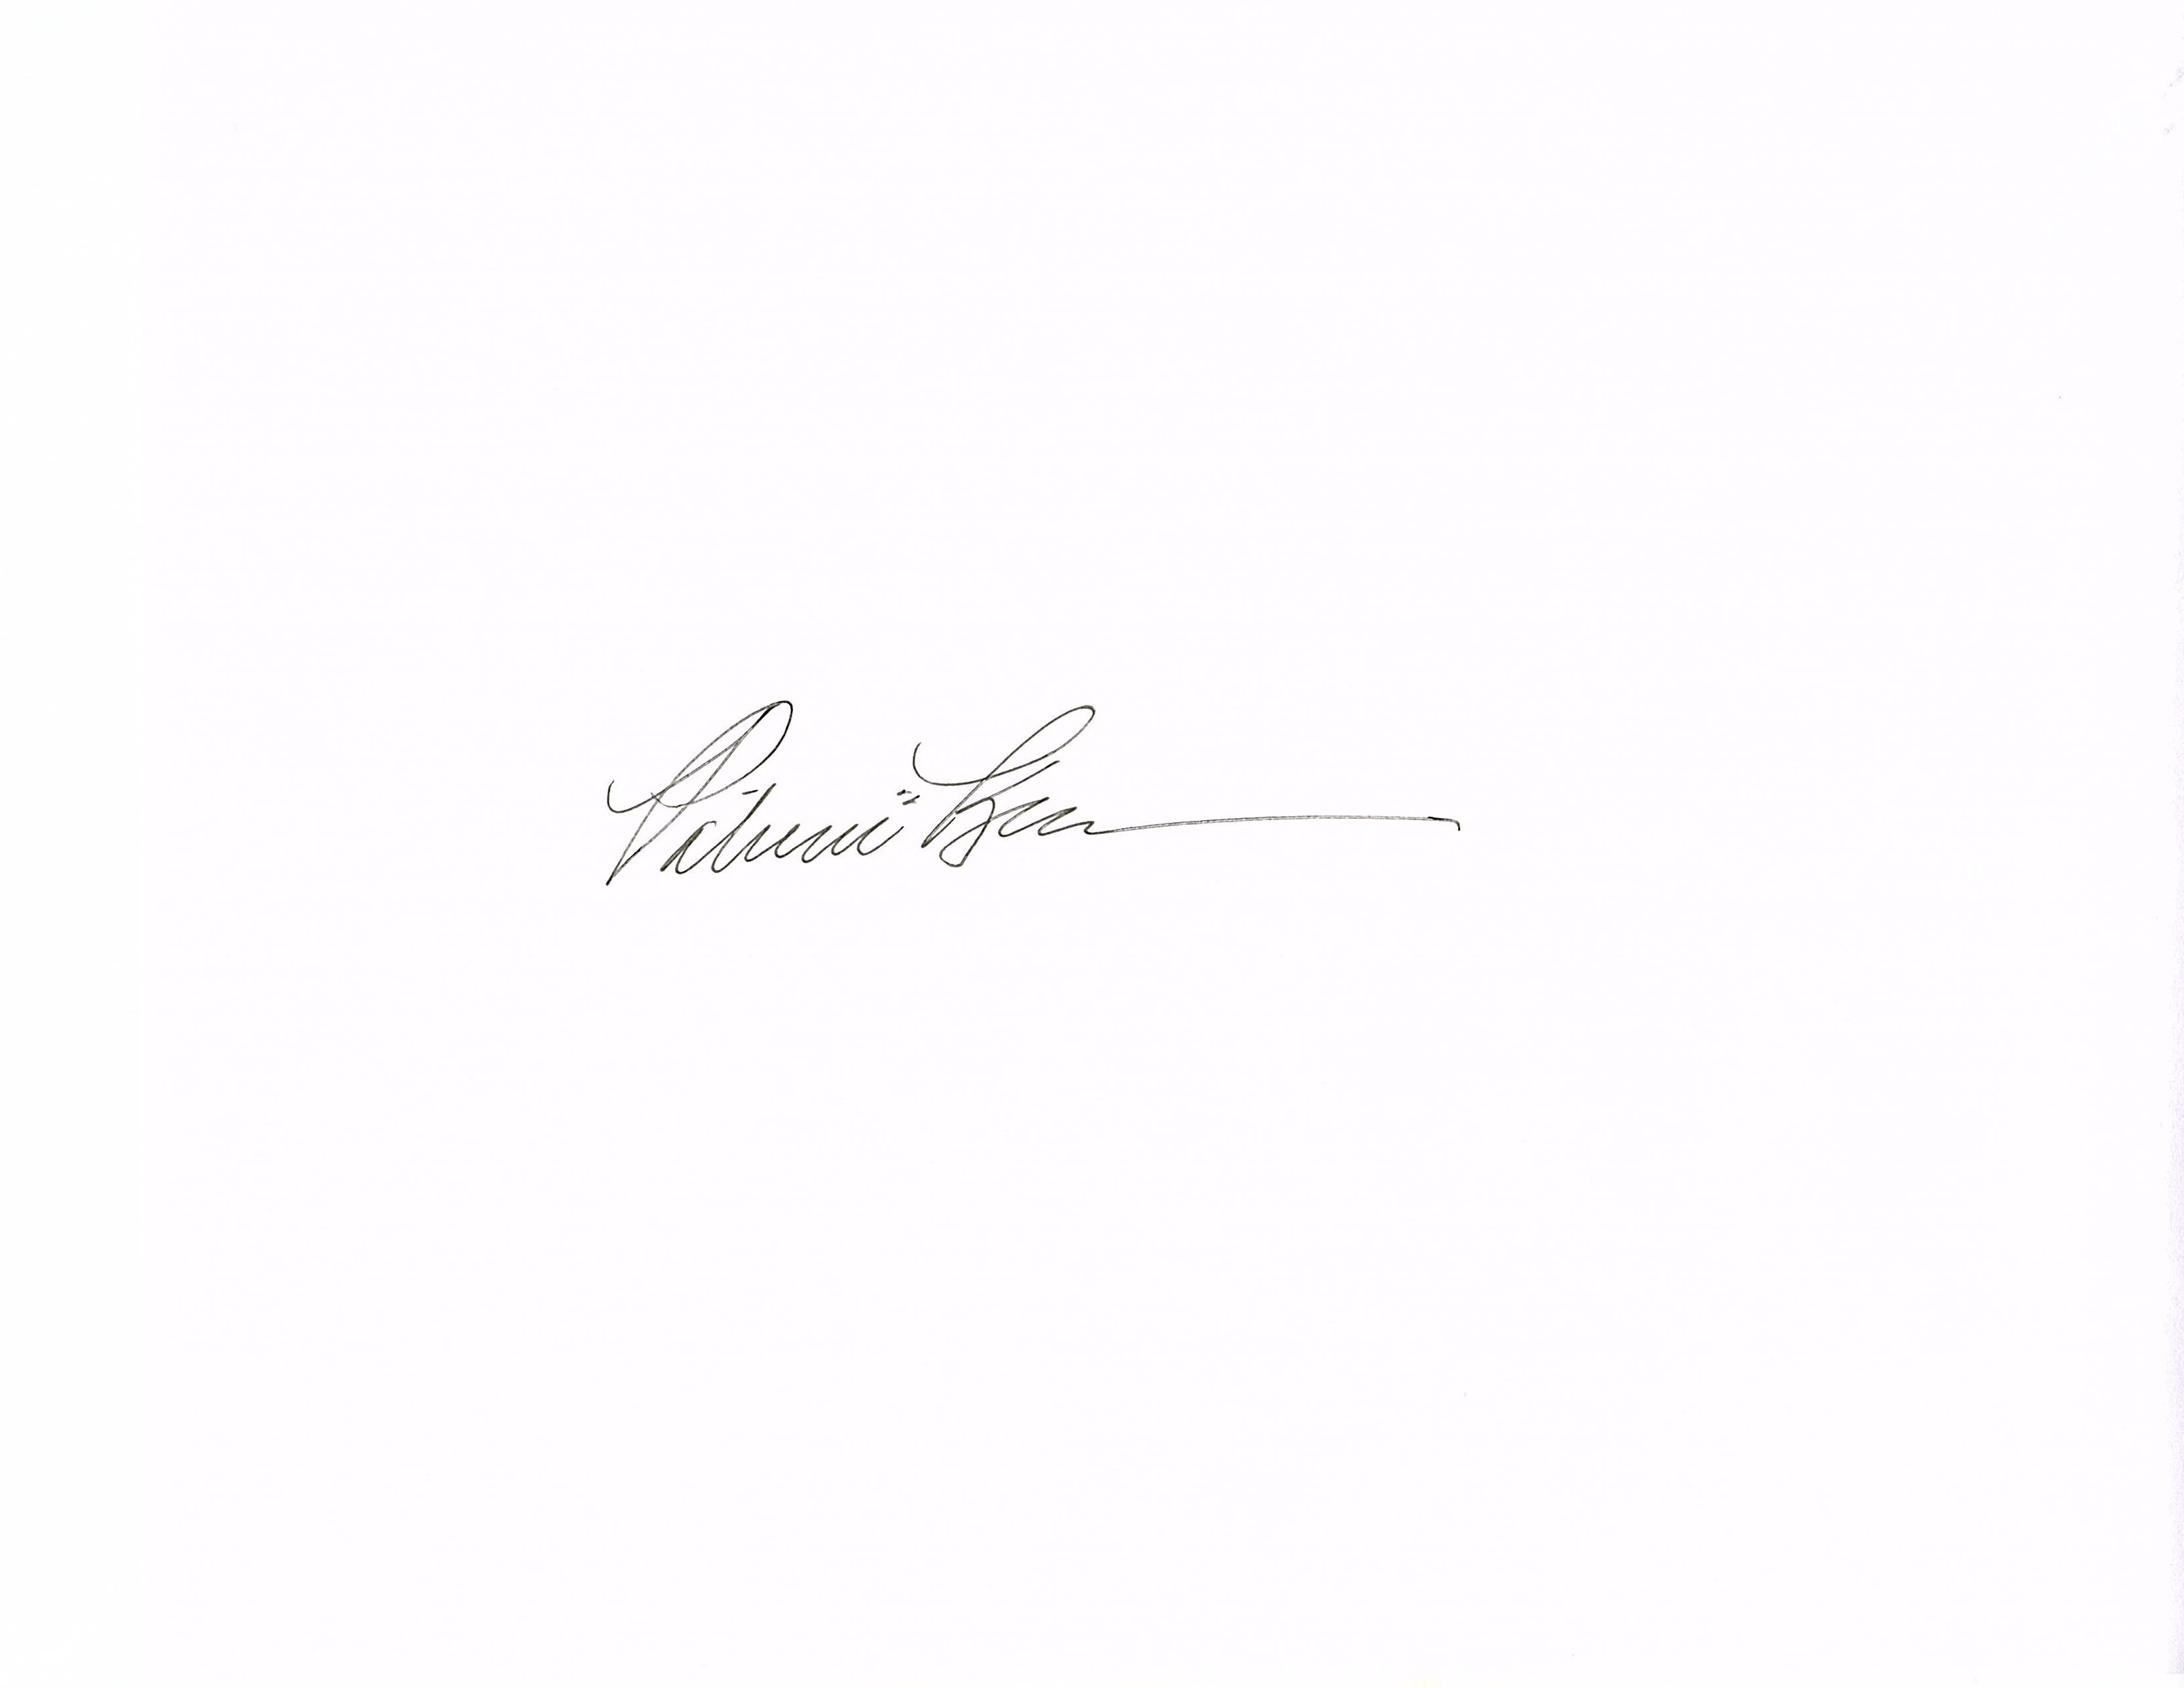 Patricia Sablak's Signature